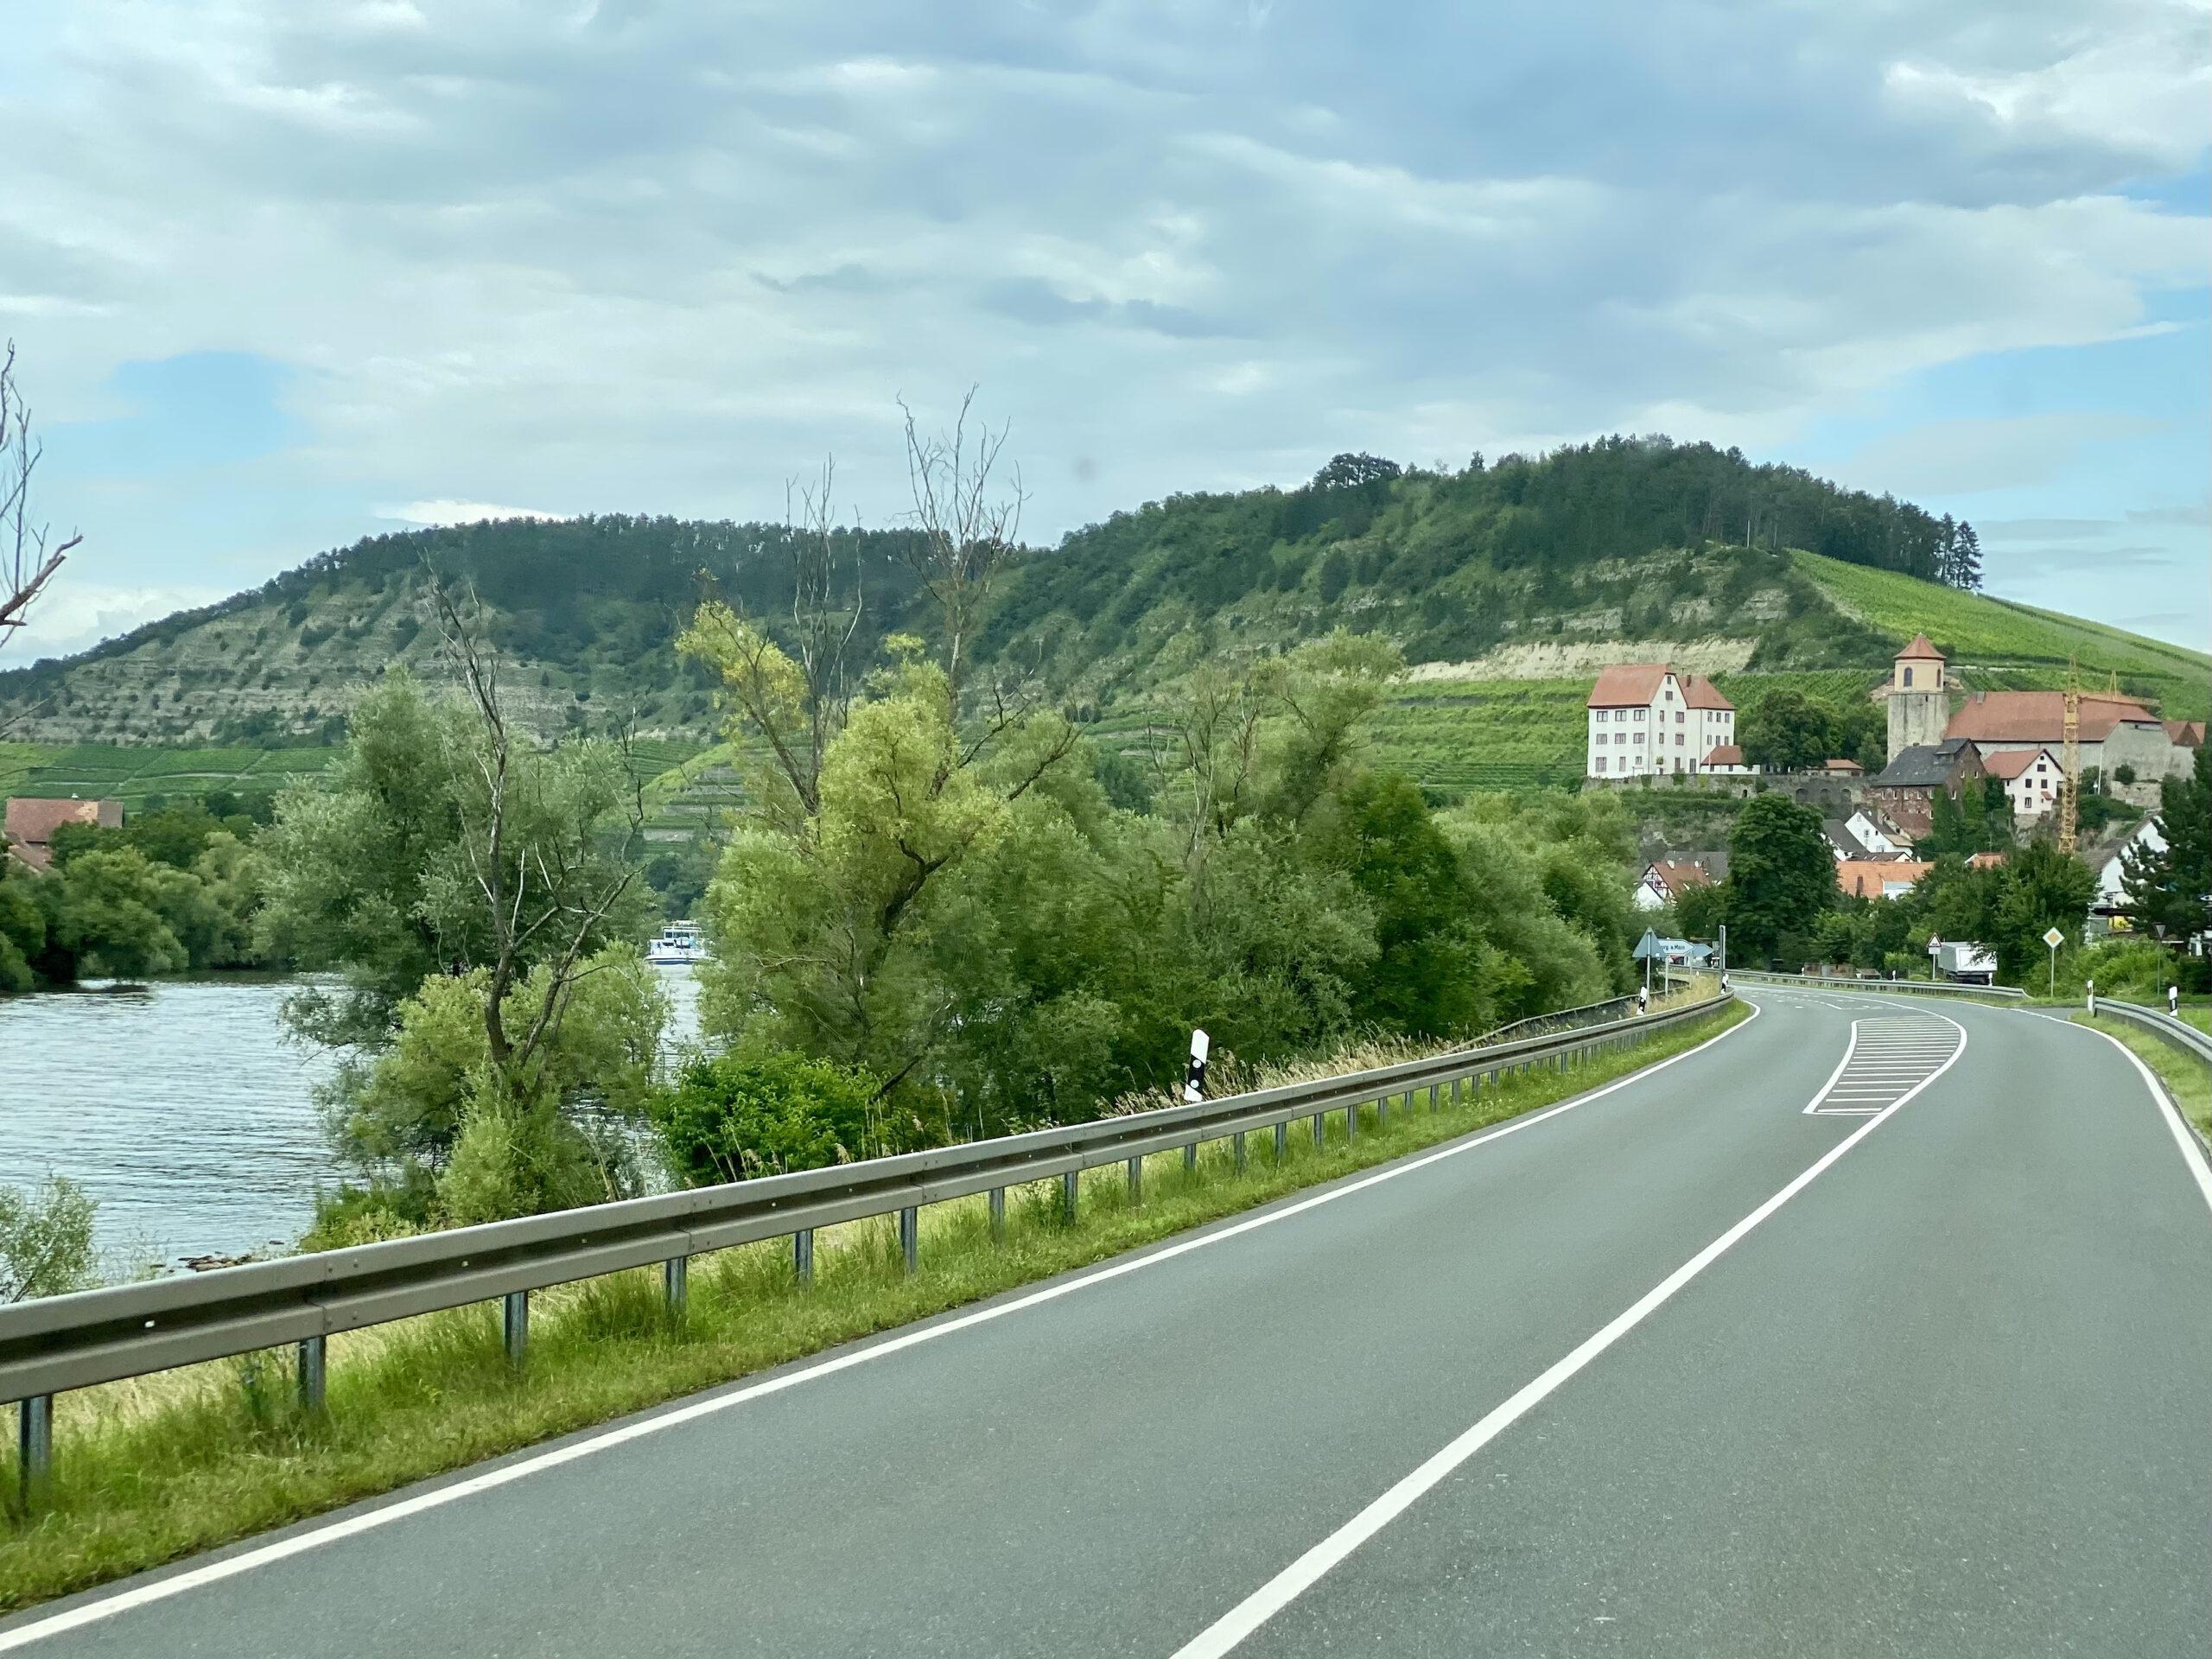 Der Kallmuth am Main Maintrockenhang bei Homburg am Main Weinlage Kallmuth